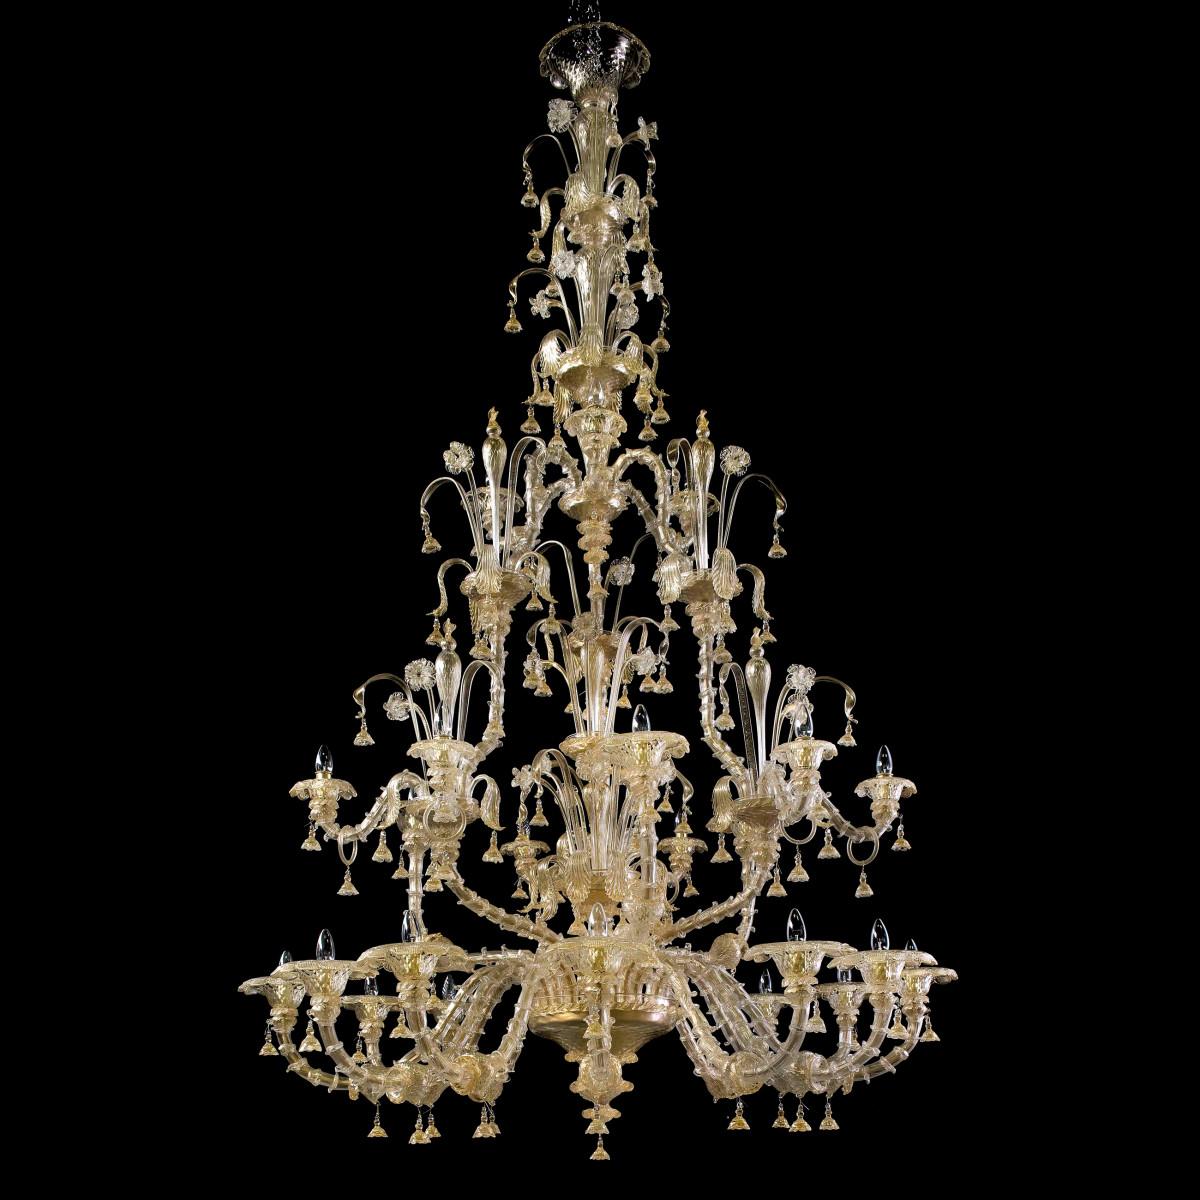 Magnifico 4 niveles 12 3 6 3 luces de araña de Murano con crestas doble